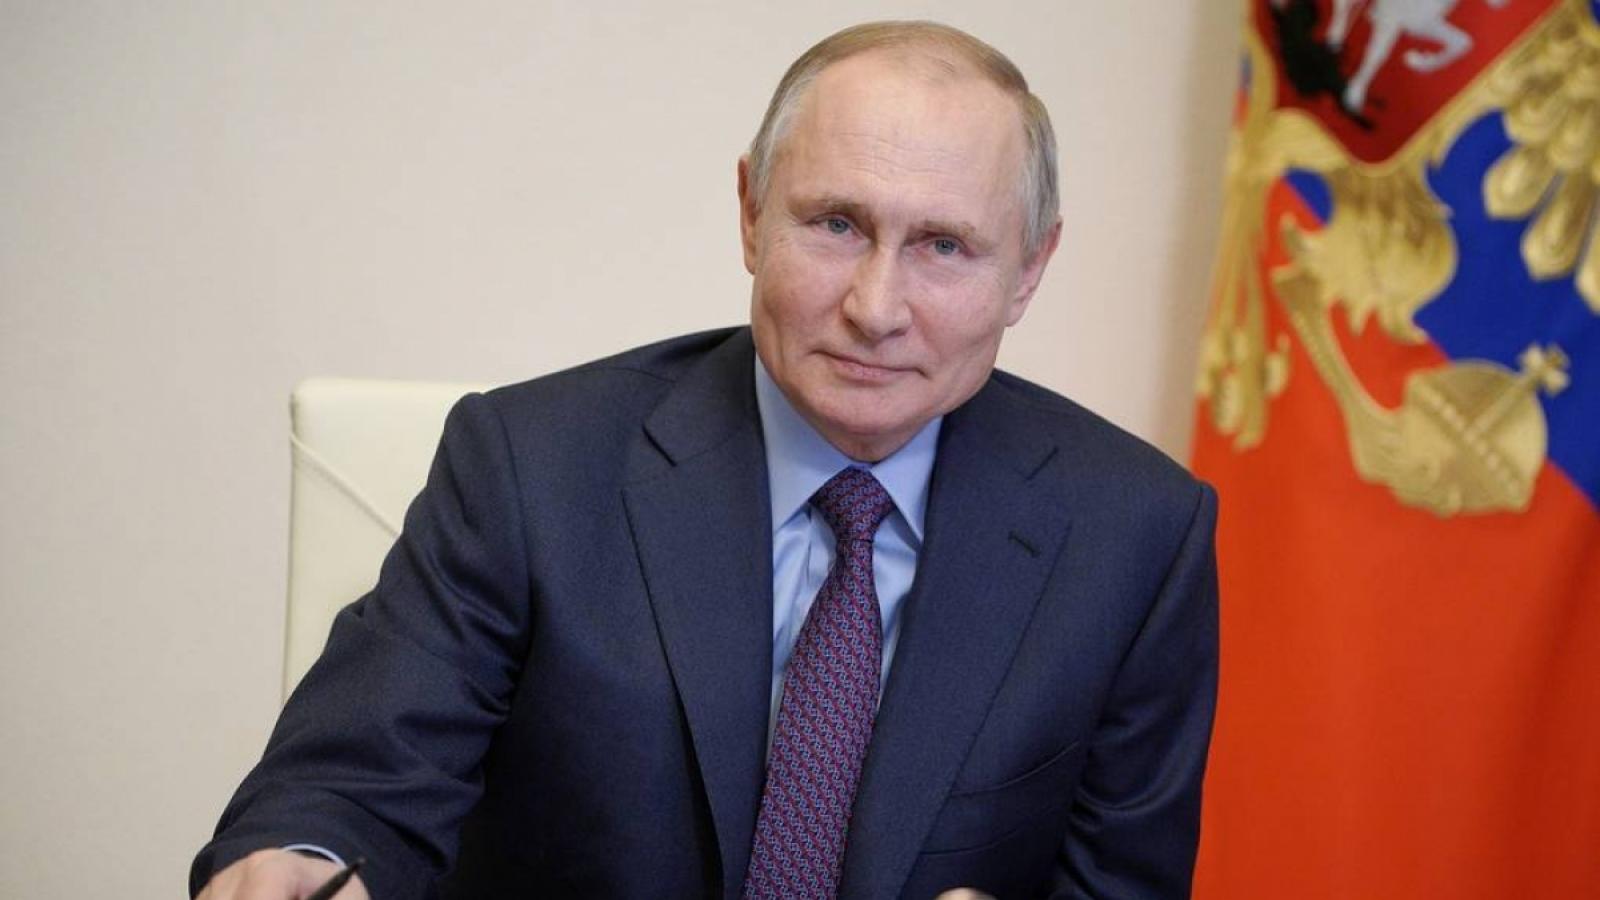 Tổng thống Nga không tham dự trực tiếp Hội nghị thượng đỉnh G20